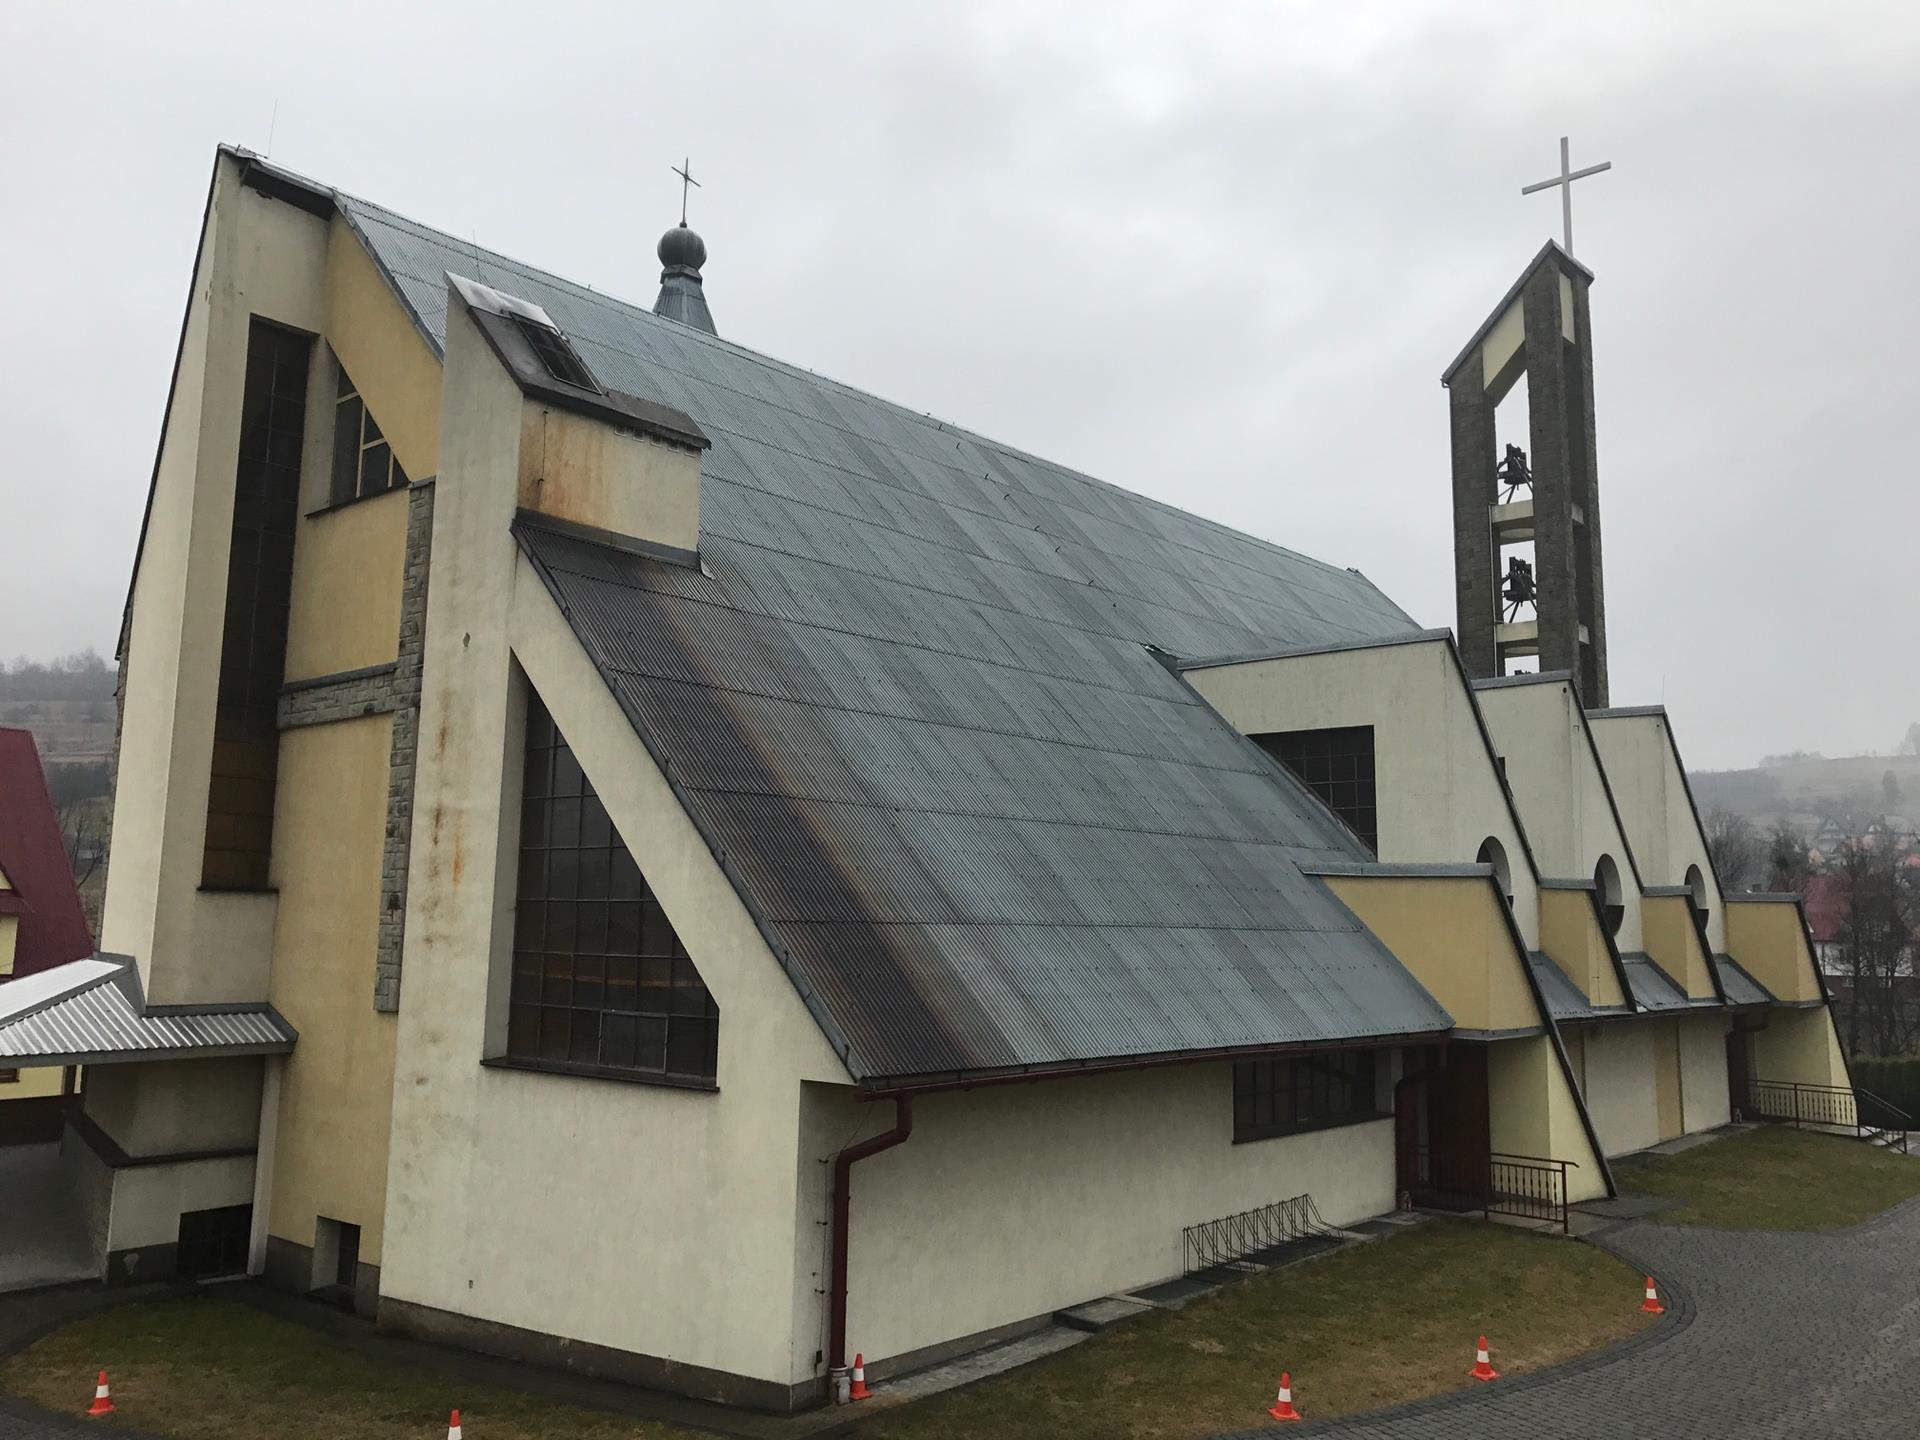 Toporzysko, Parafia Najświętszej Maryi Panny Matki Kościoła